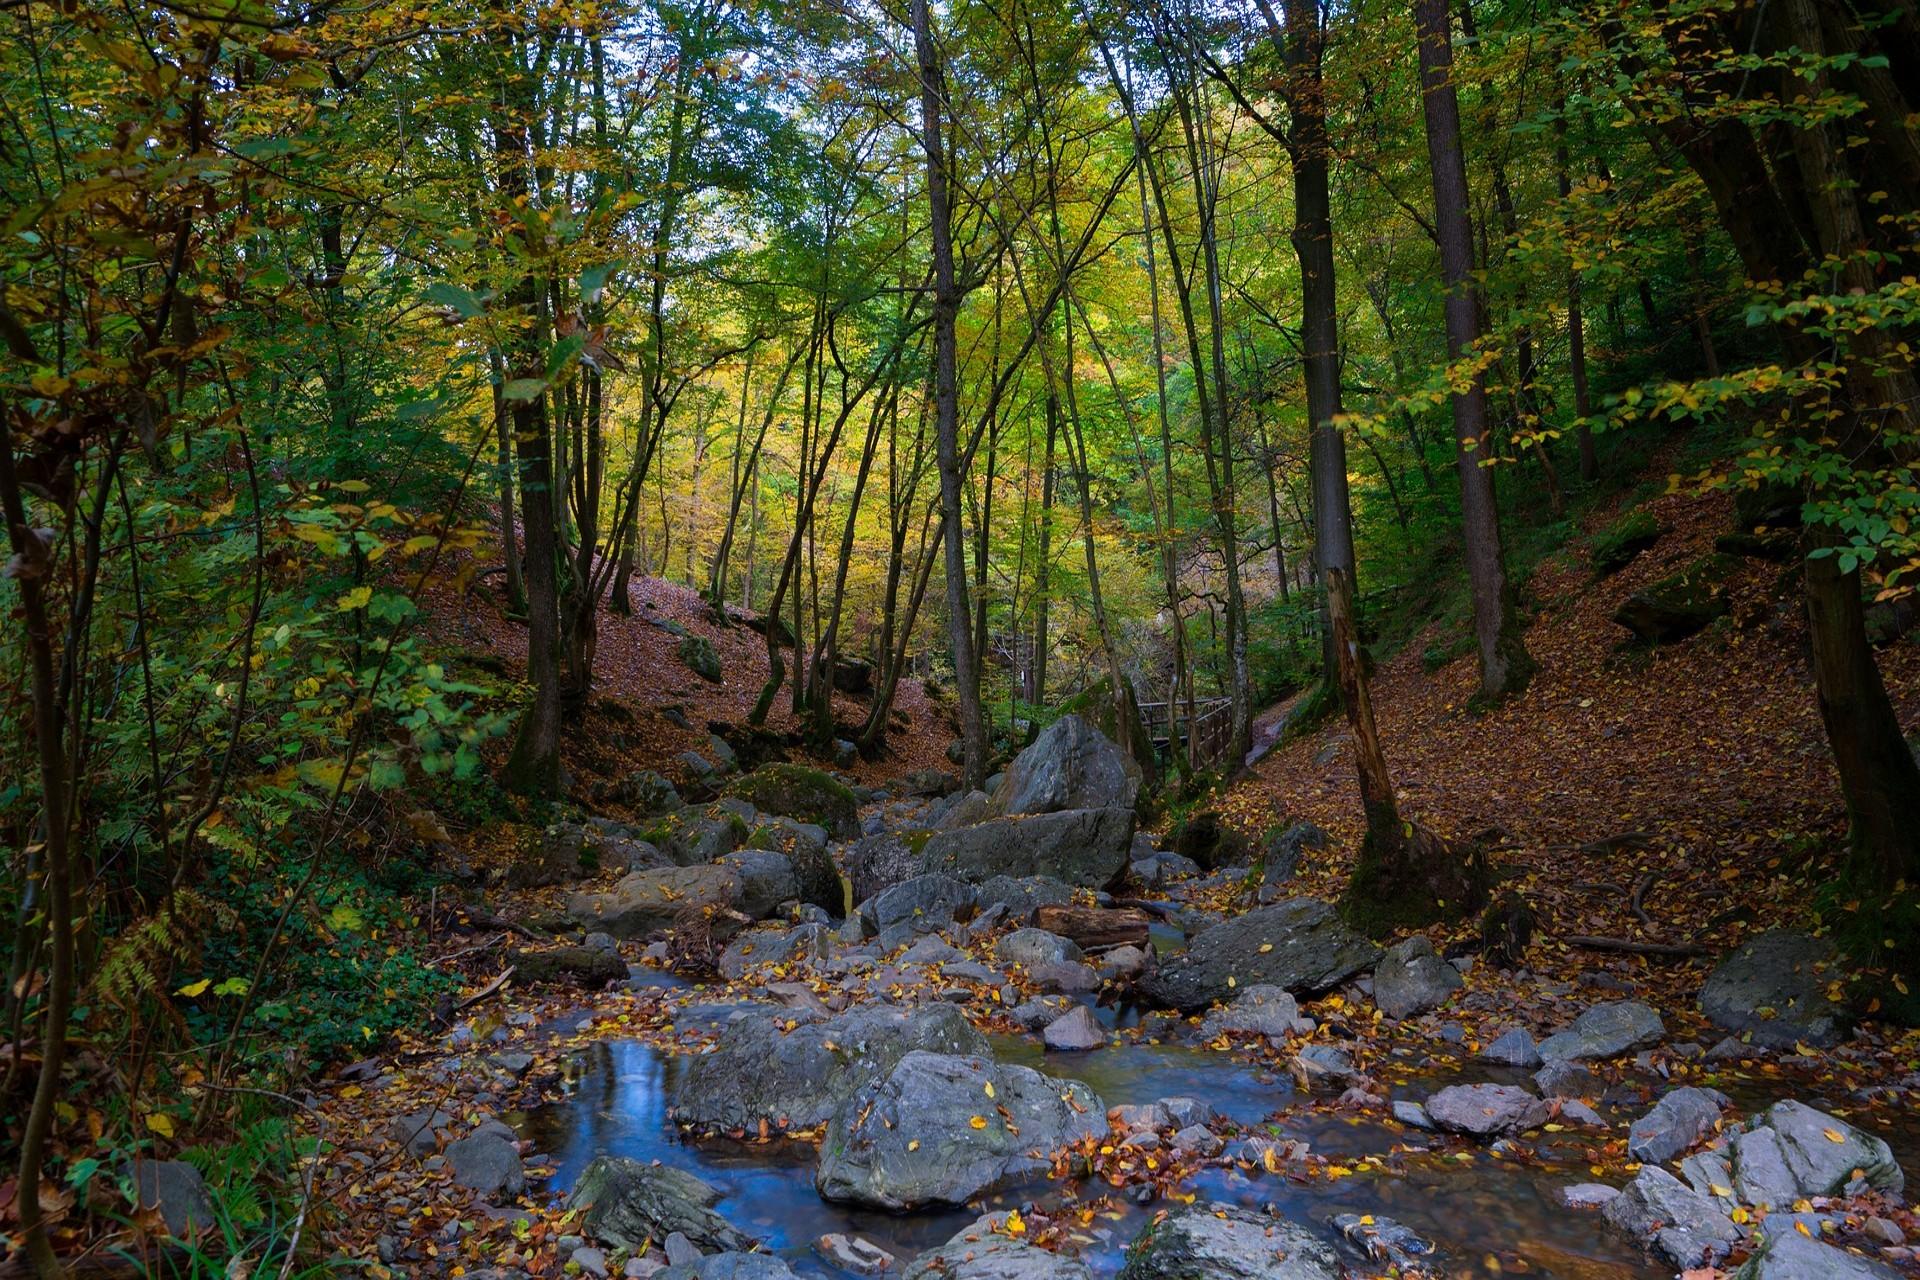 Ontdek de natuur in de Ardennen